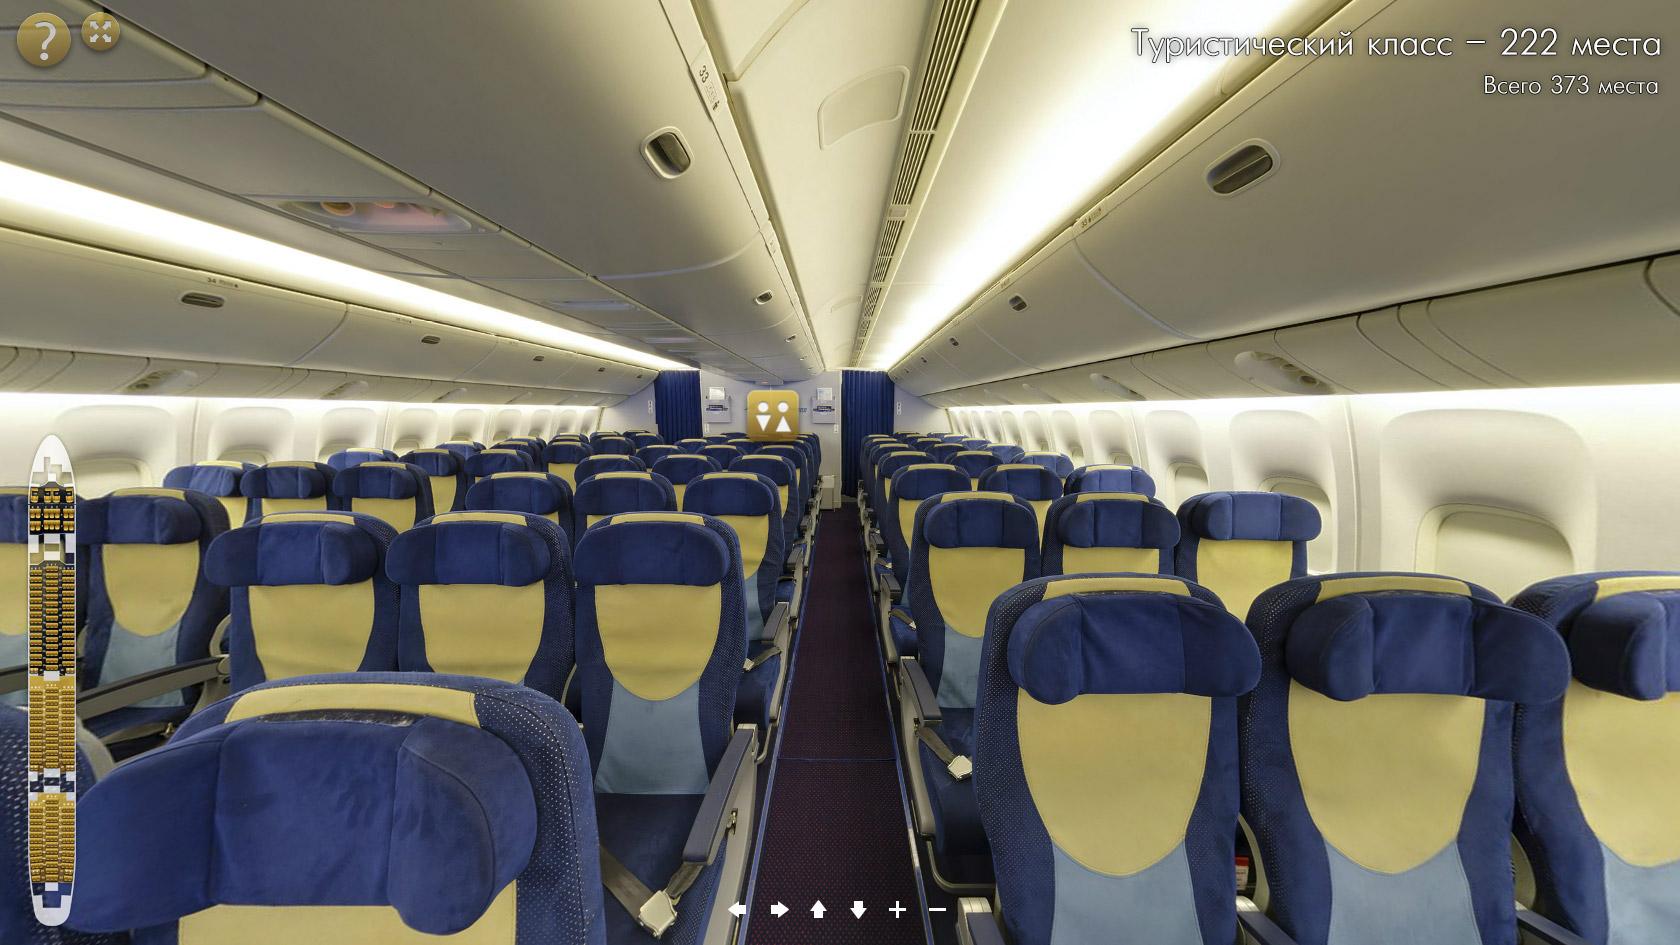 Схема салона Boeing 777-300 - Трансаэро.  Лучшие места в самолете.